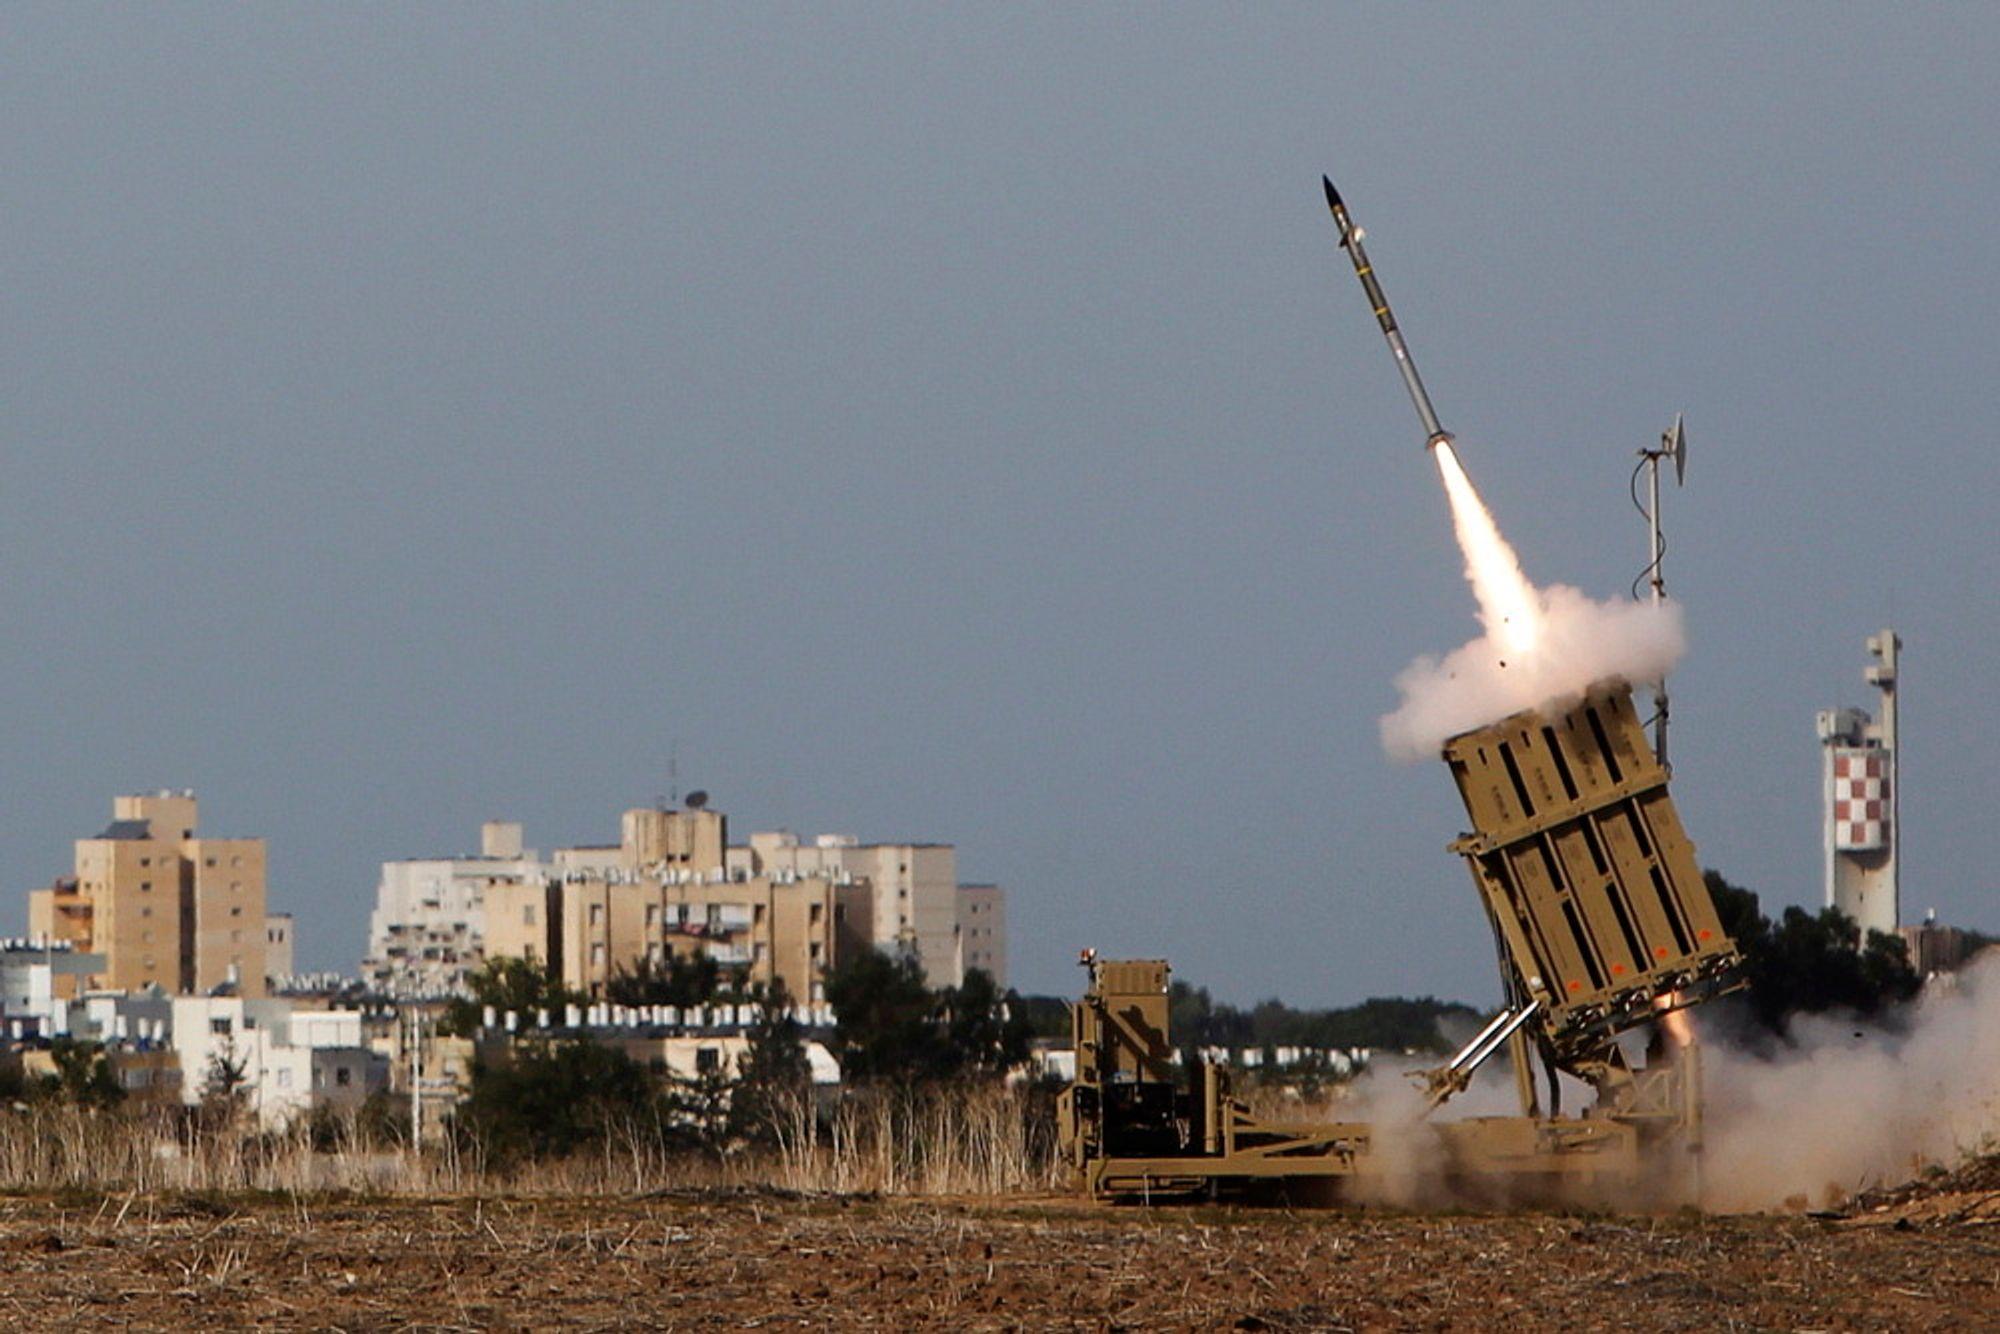 Rakettforsvaret «jernkuppelen» tas i bruk for å avskjære en rakett avfyrt fra Gazastripen. Hver gang «jernkuppelen» brukes, koster det rundt 300.000 kroner.